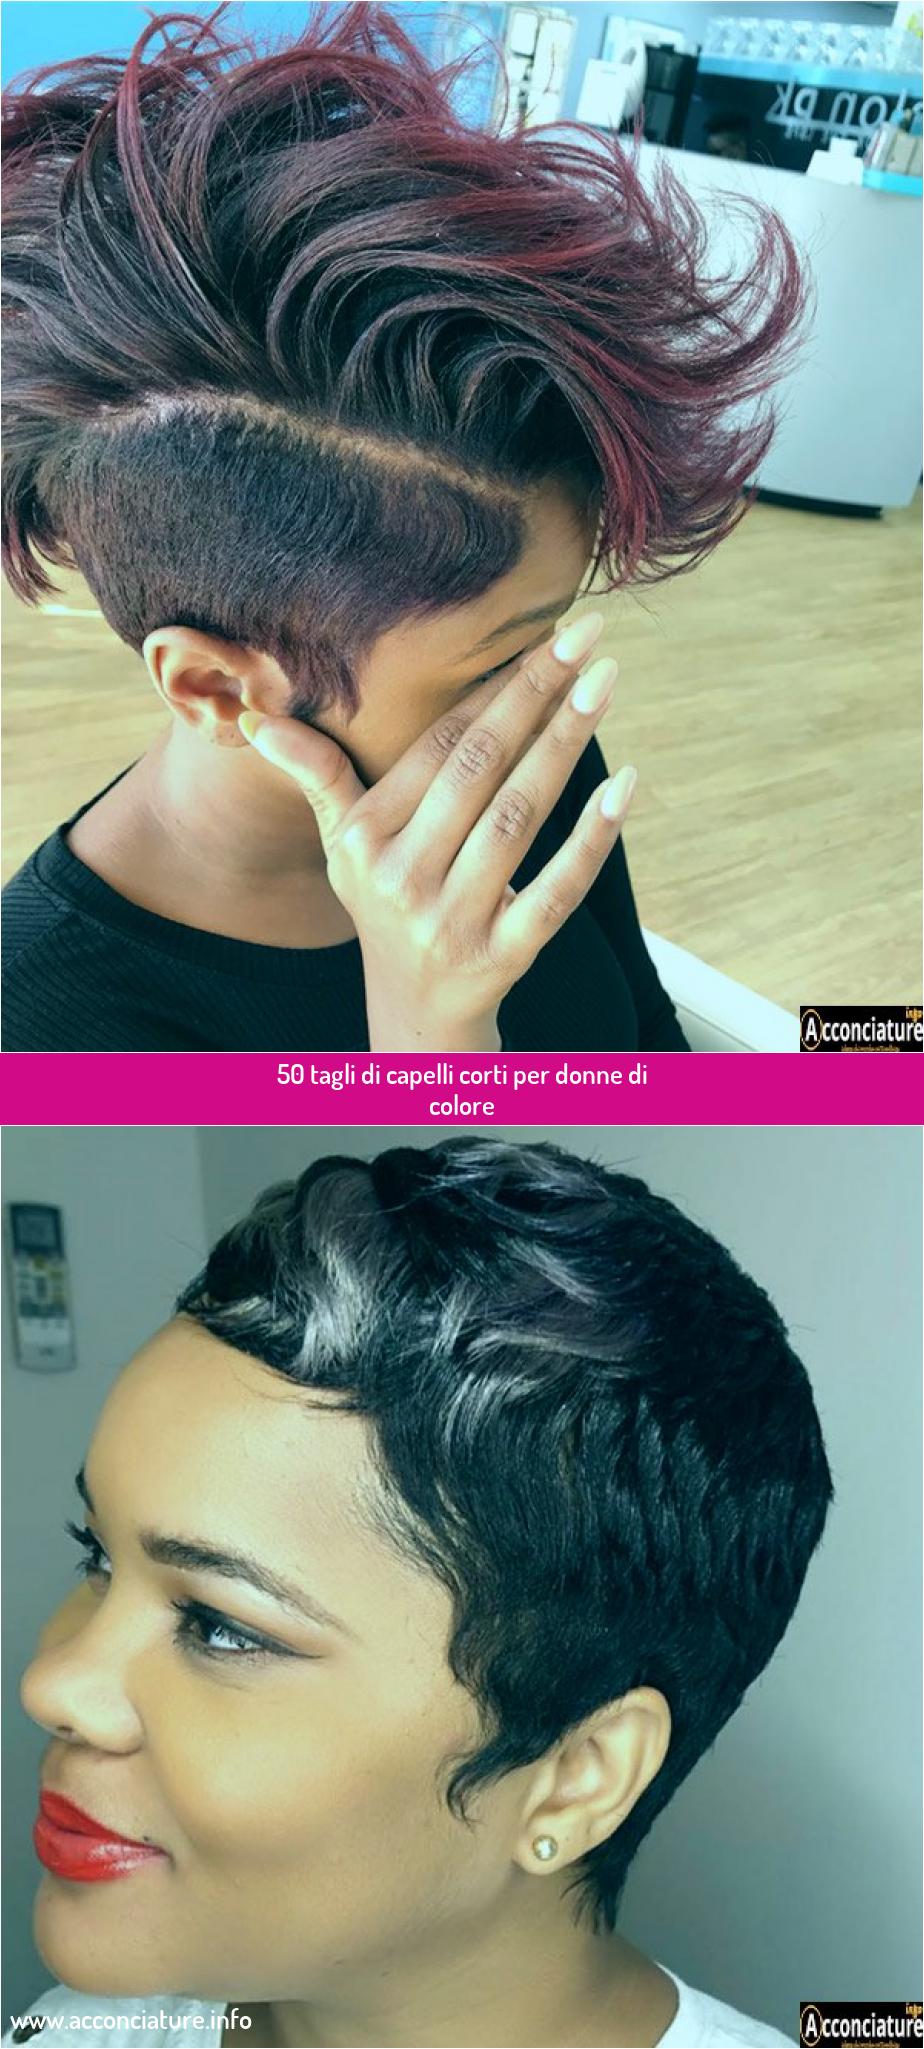 50 tagli di capelli corti per donne di colore en 2020